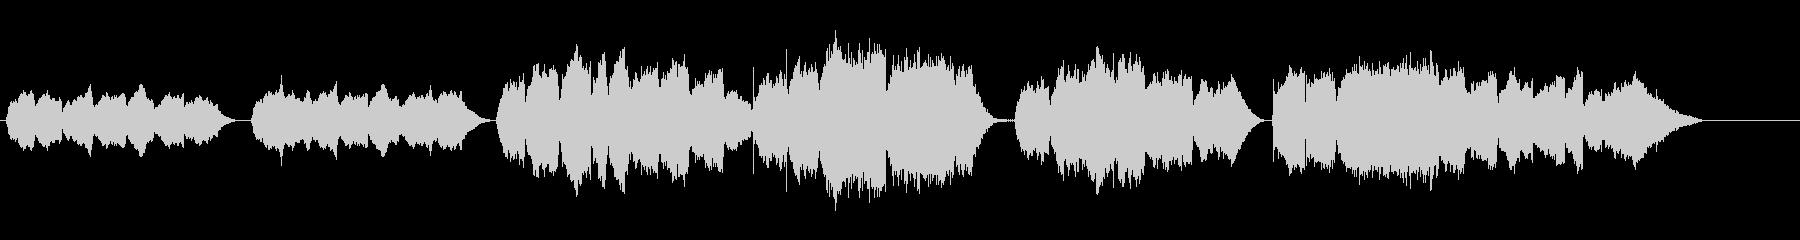 高音質♪国歌「君が代」発表シリーズの未再生の波形